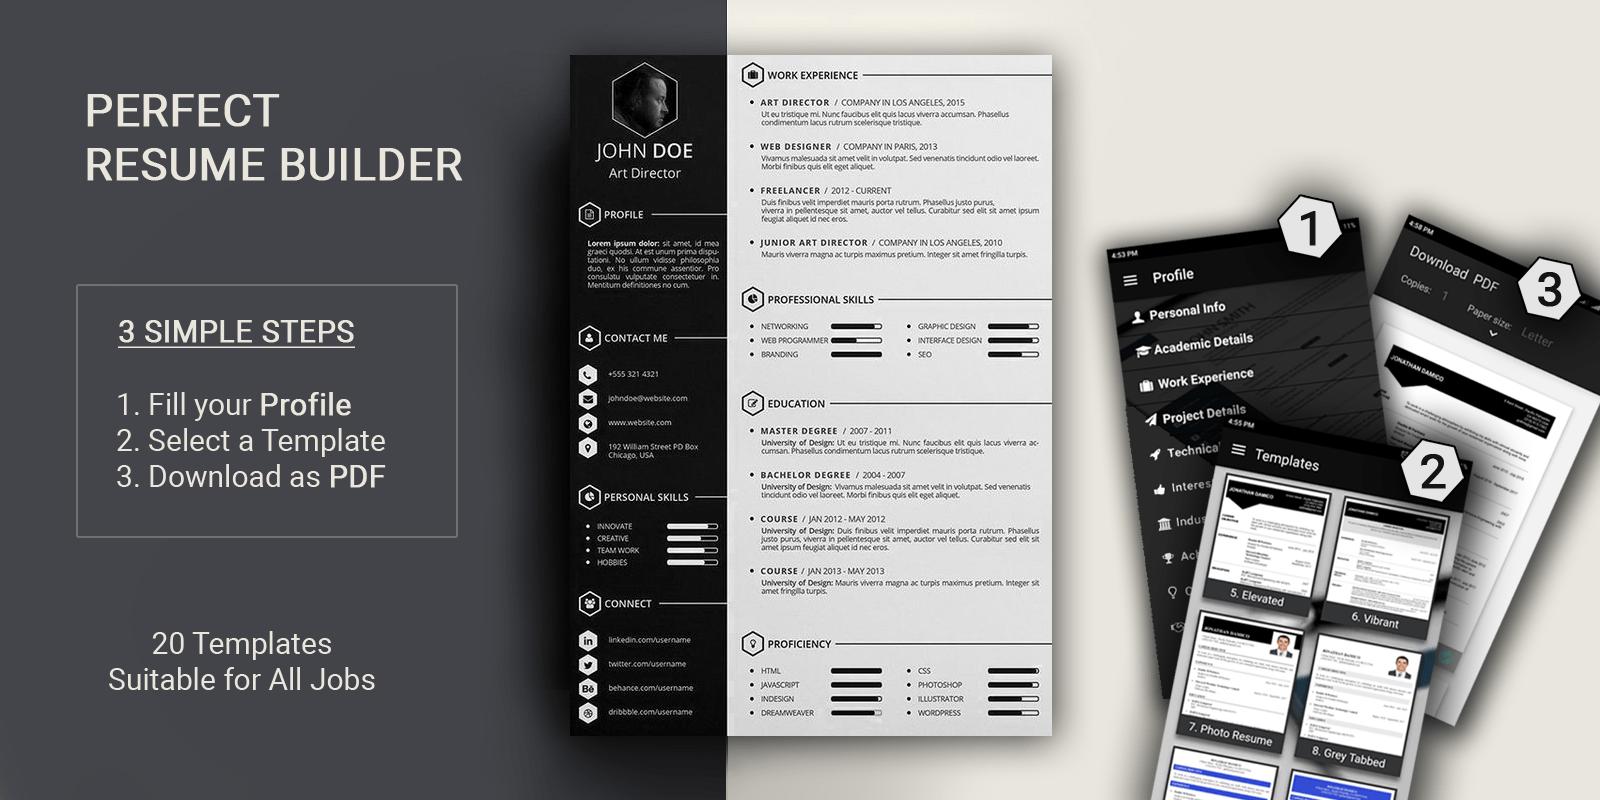 resume builder entry level